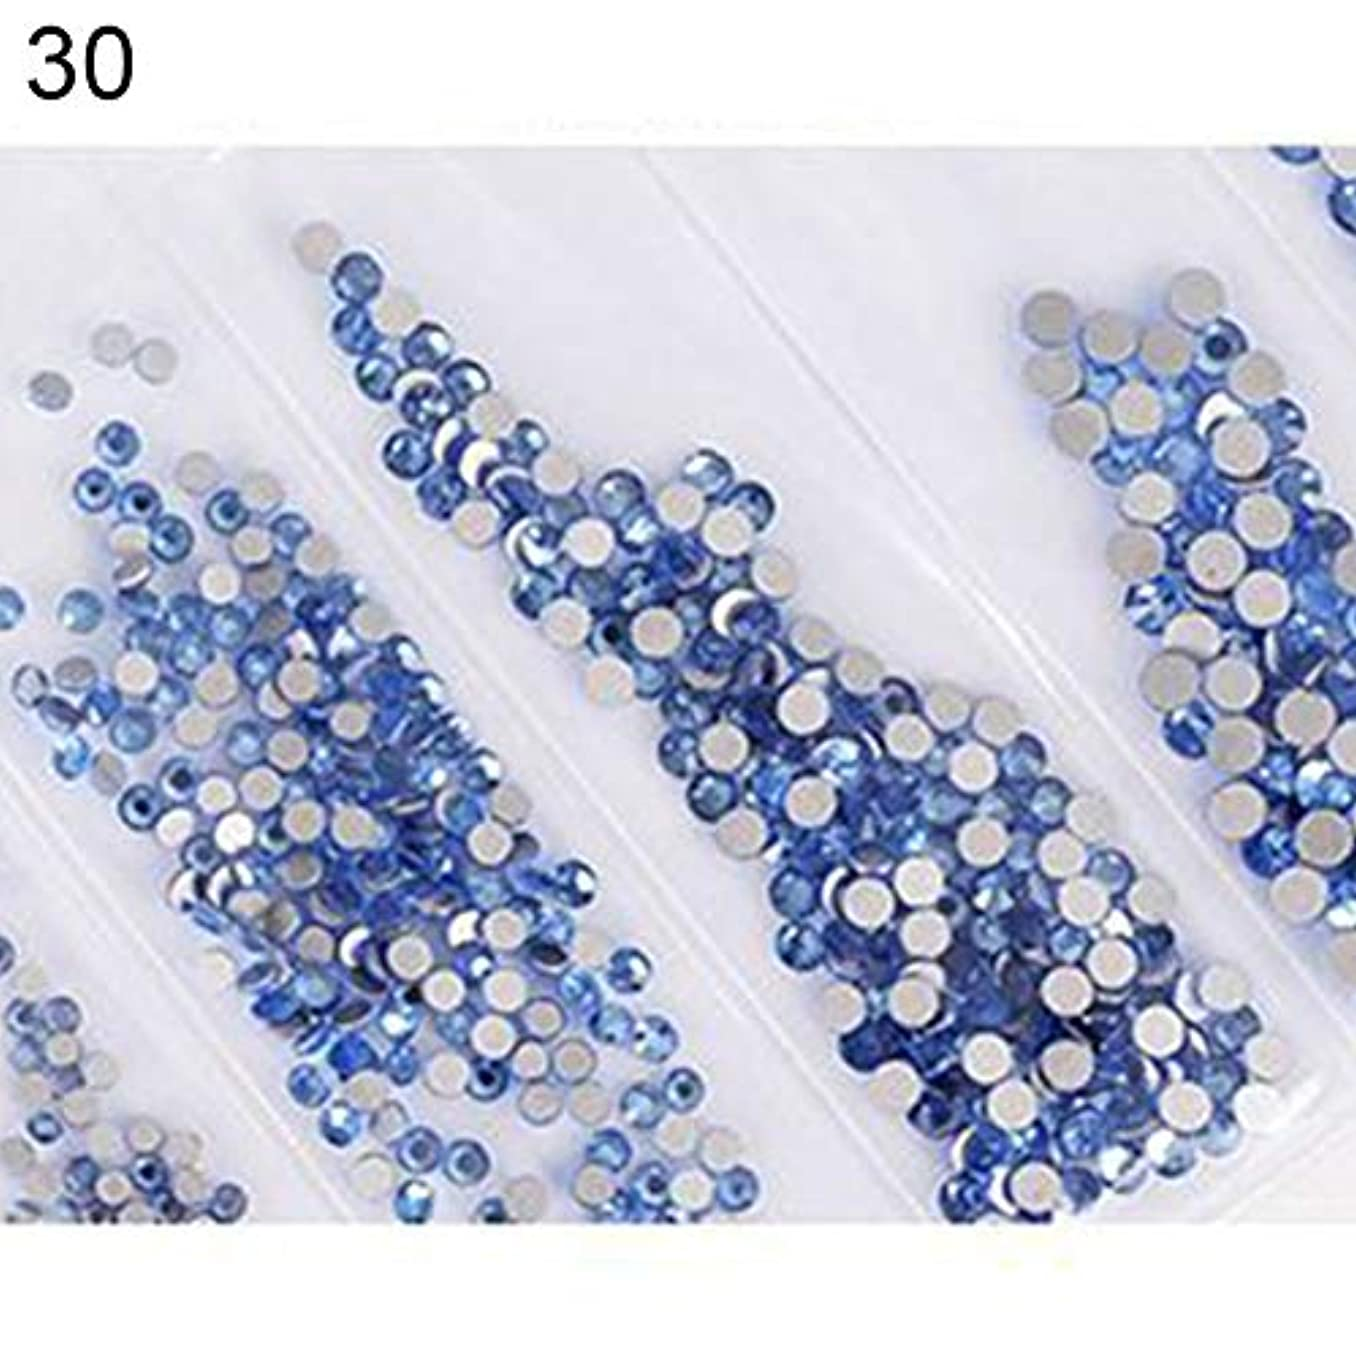 八百屋さん核先のことを考えるhamulekfae-6ピース光沢のあるフラットガラスラインストーンネイルアートの装飾diyマニキュアのヒントツール 30#